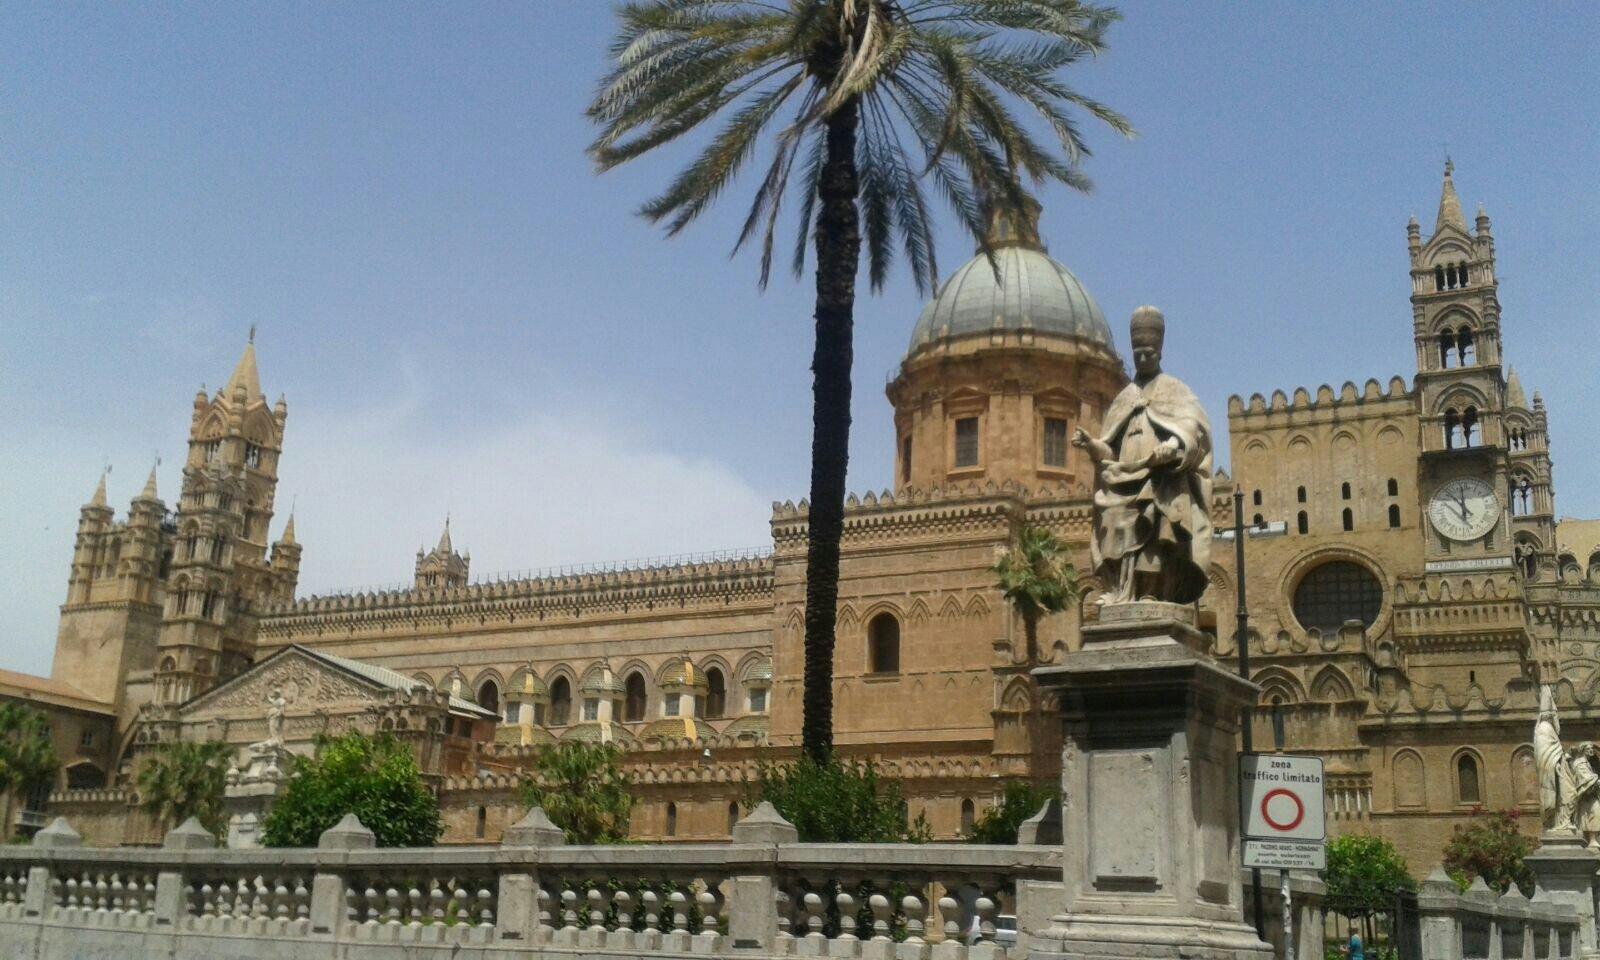 GTA - Guide Turistiche Associate Palermo